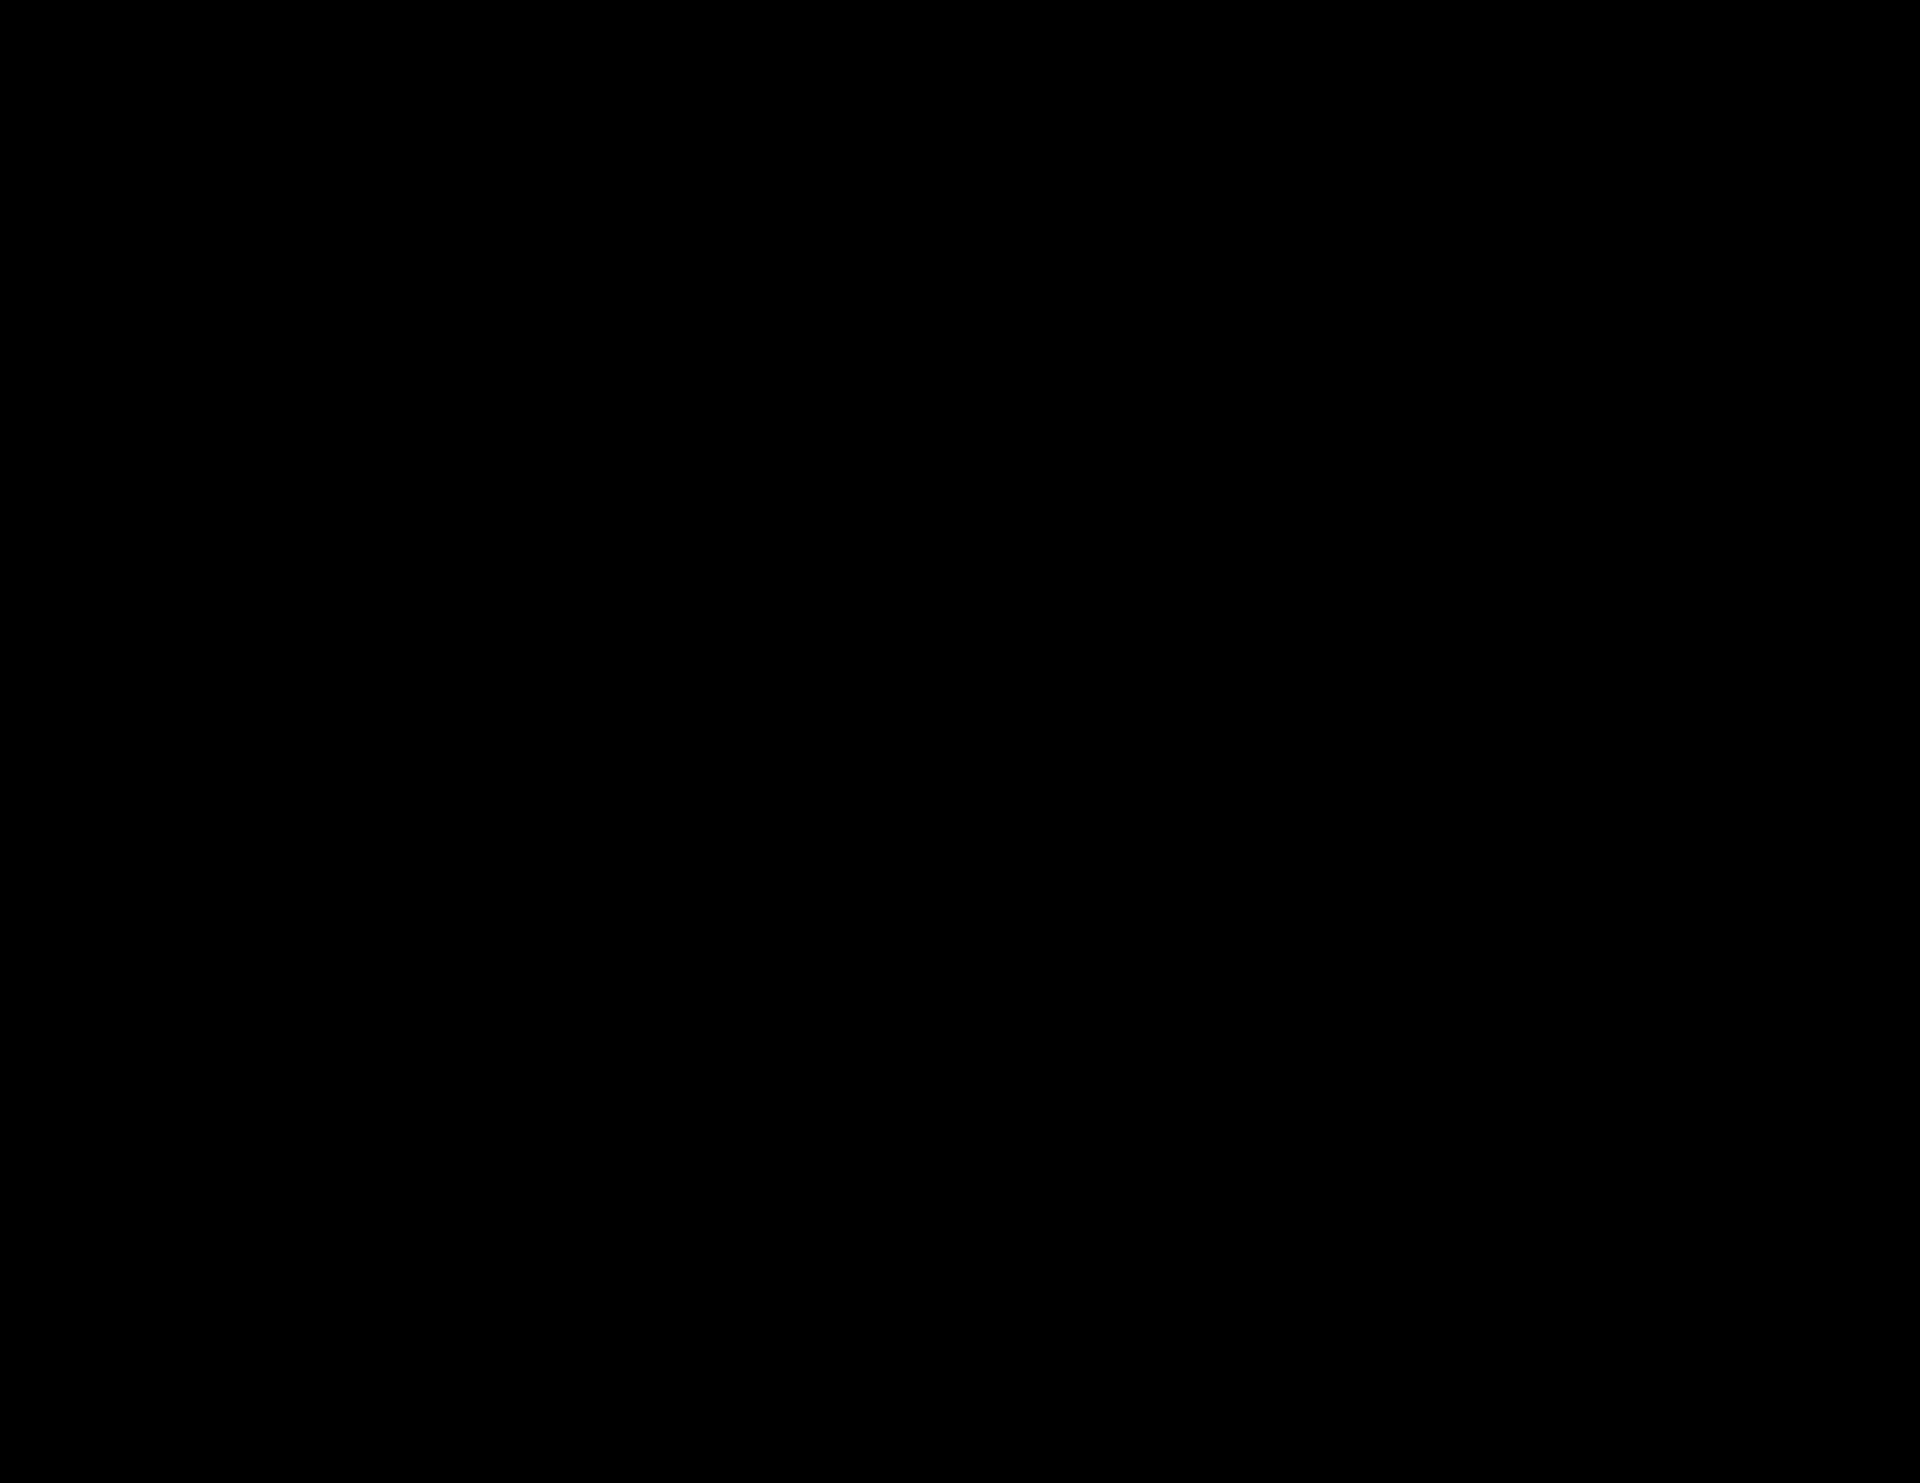 hlg_2924